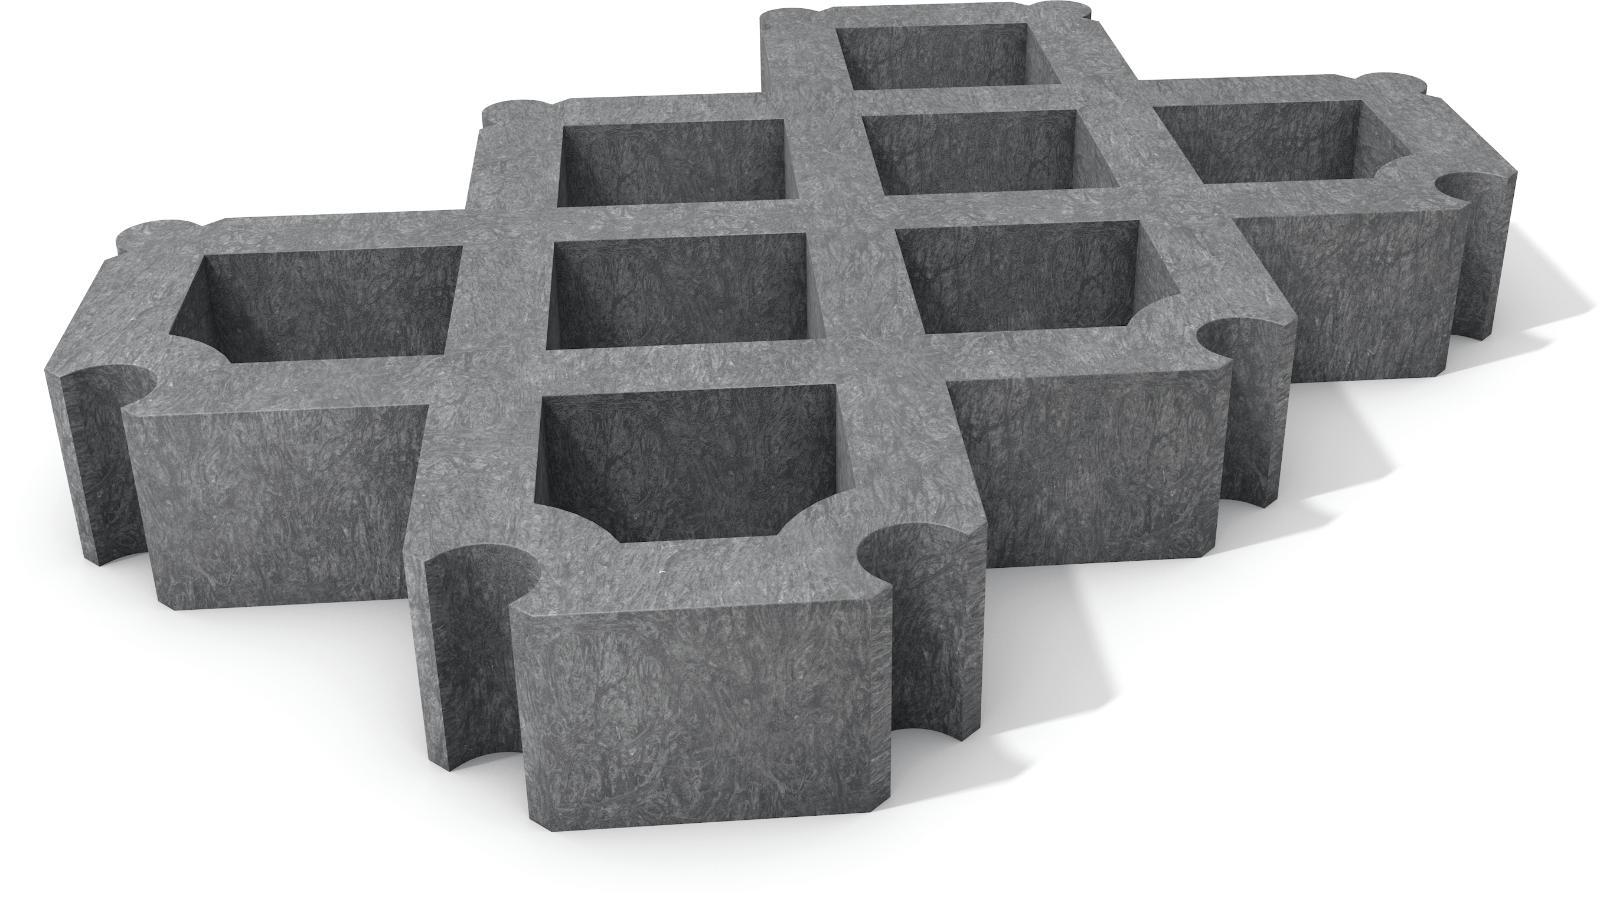 geliebte rasengittersteine aus kunststoff di76 kyushucon. Black Bedroom Furniture Sets. Home Design Ideas